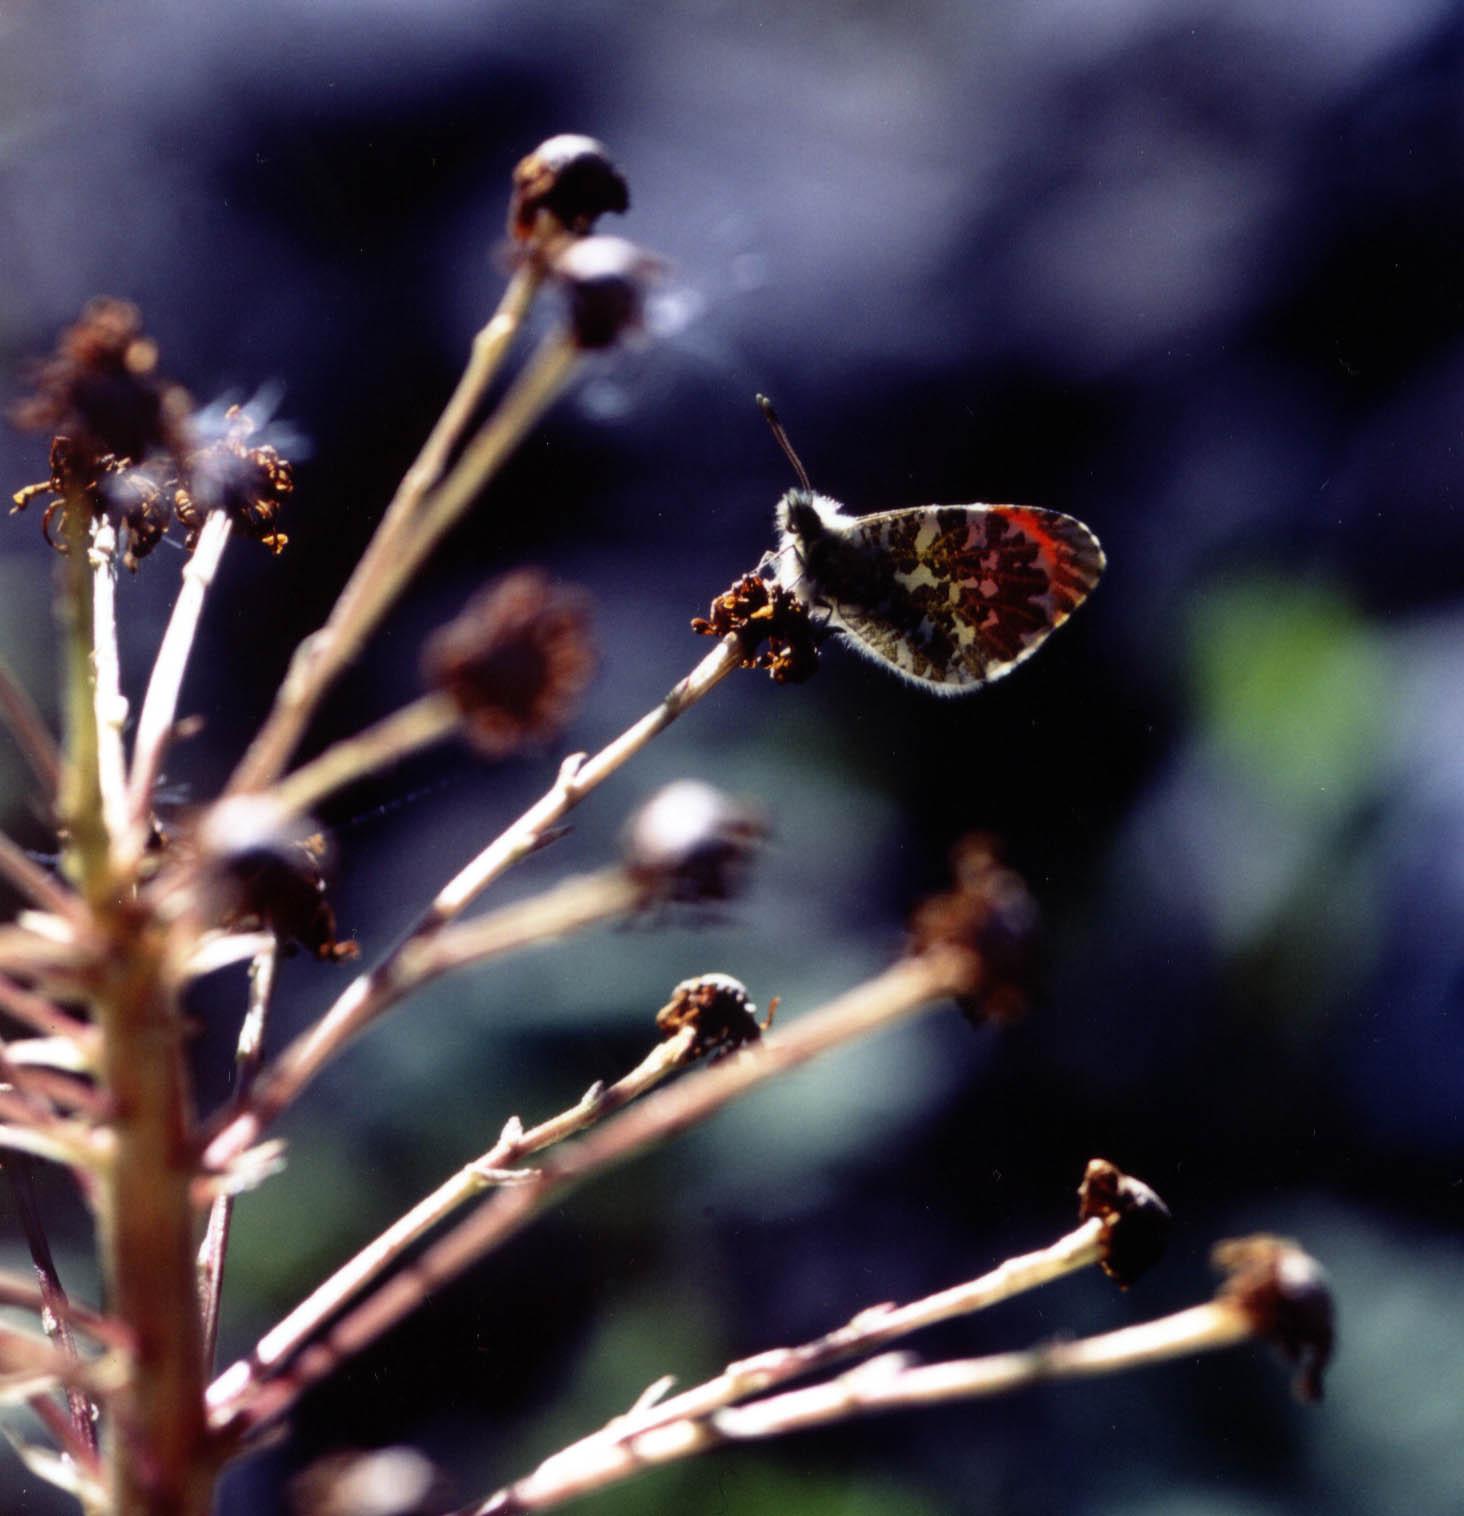 フキの花あとで羽を休めるクモマツマキチョウ